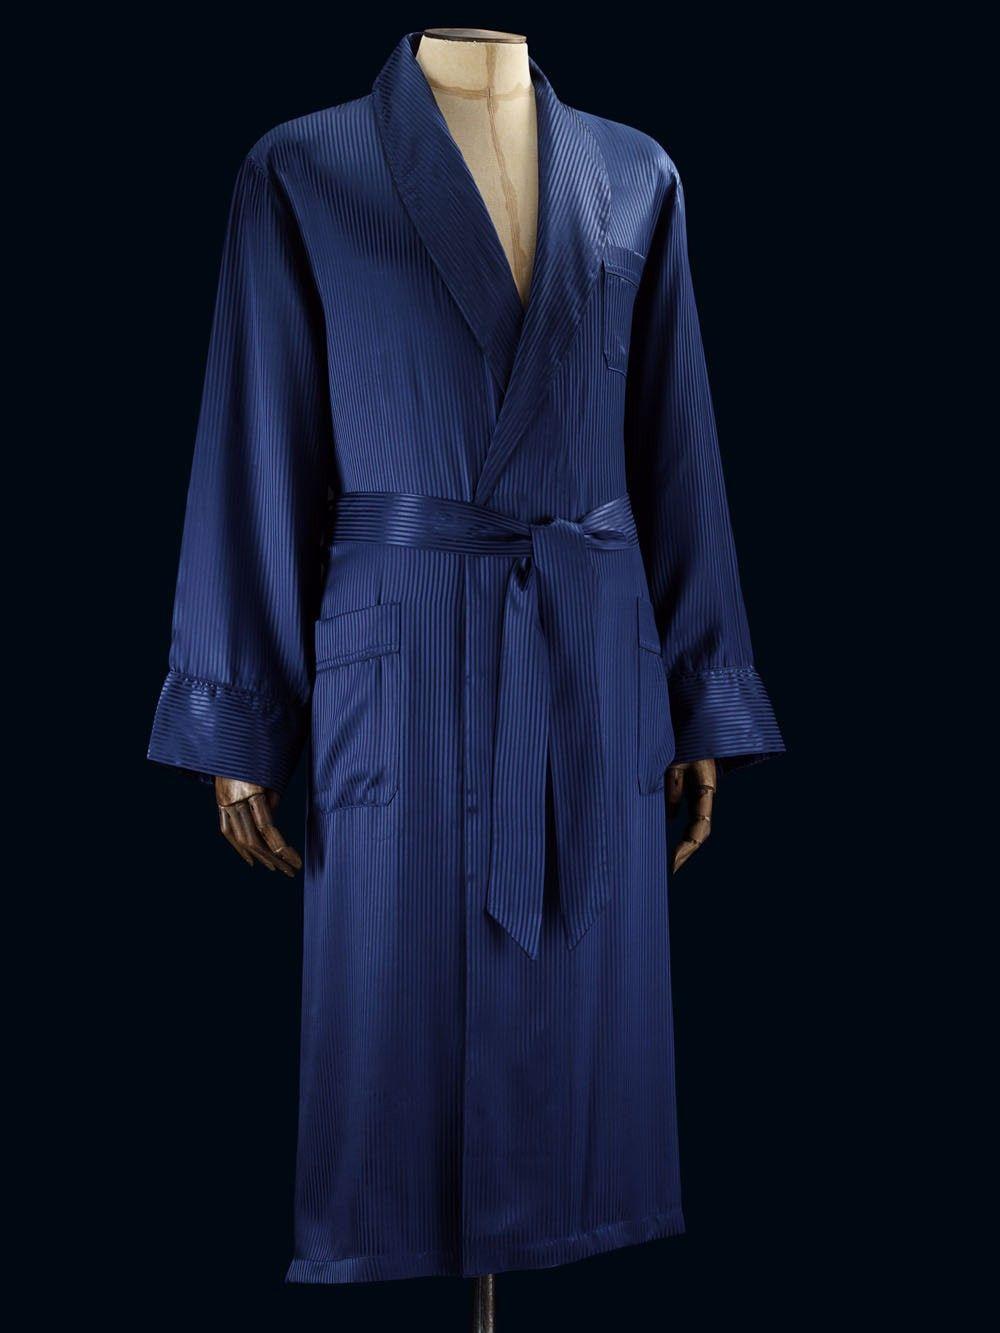 Woburn 8 Navy Dressing Gown   Derek Rose - The World\'s Finest Luxury ...